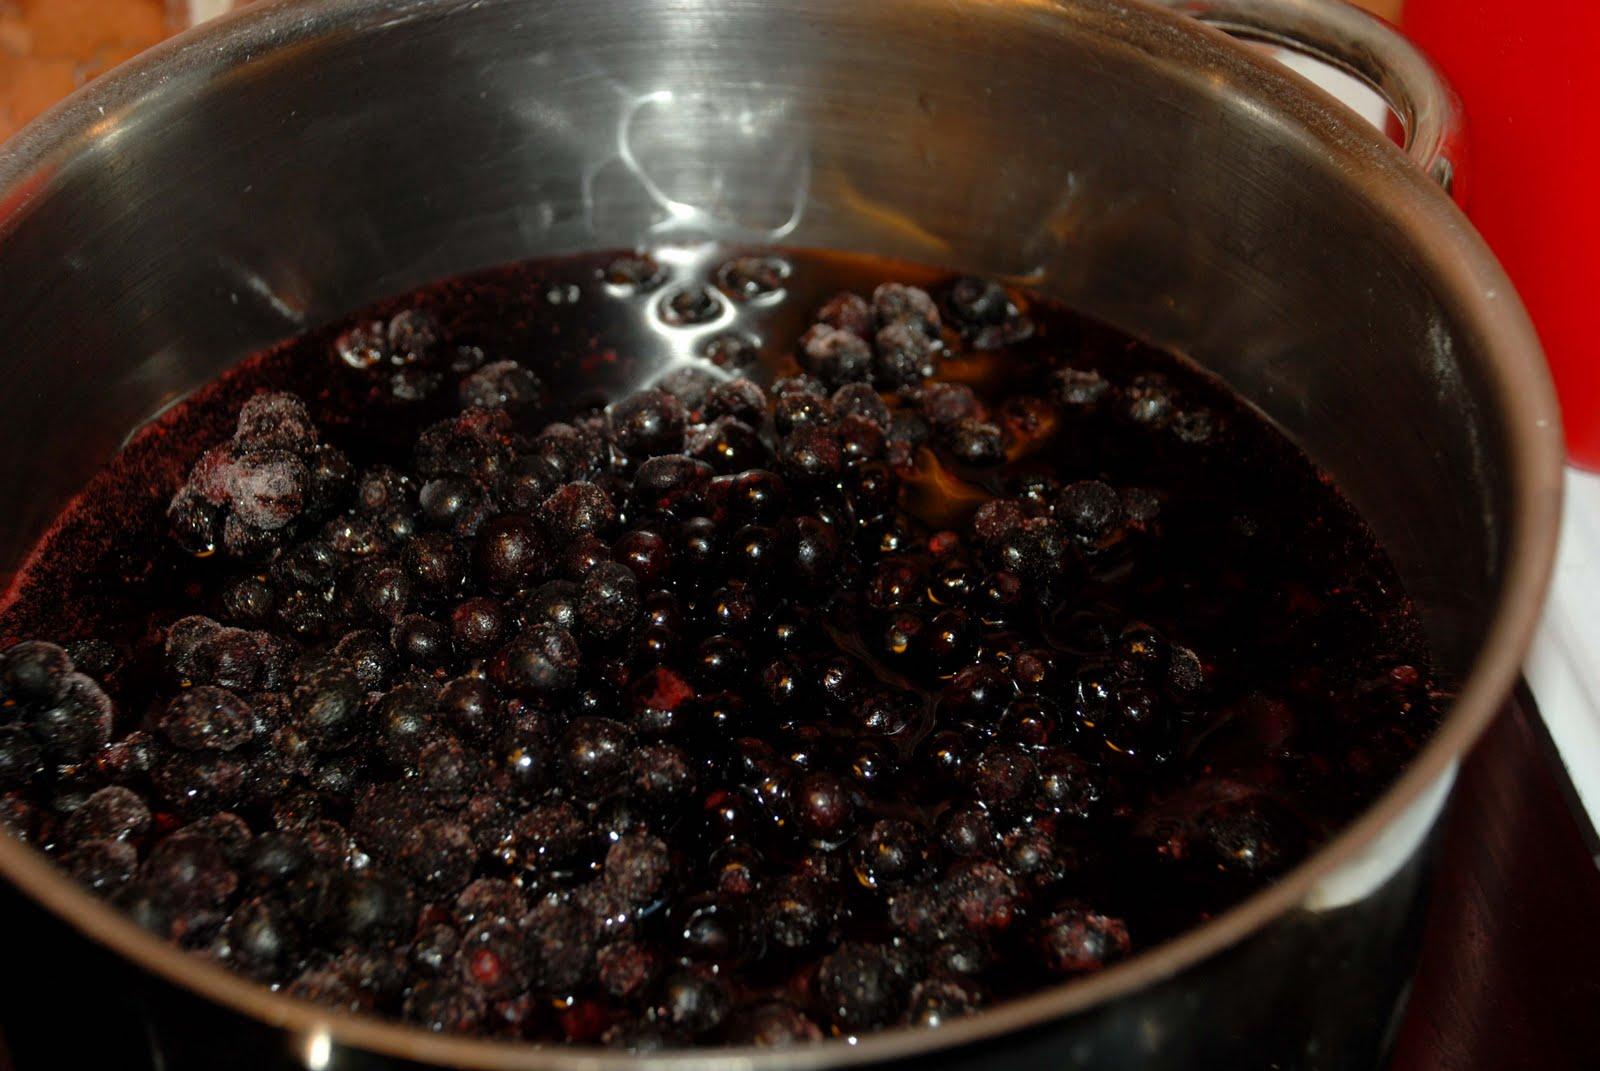 smaskelismaskens: pannacotta med blåbärsgelé